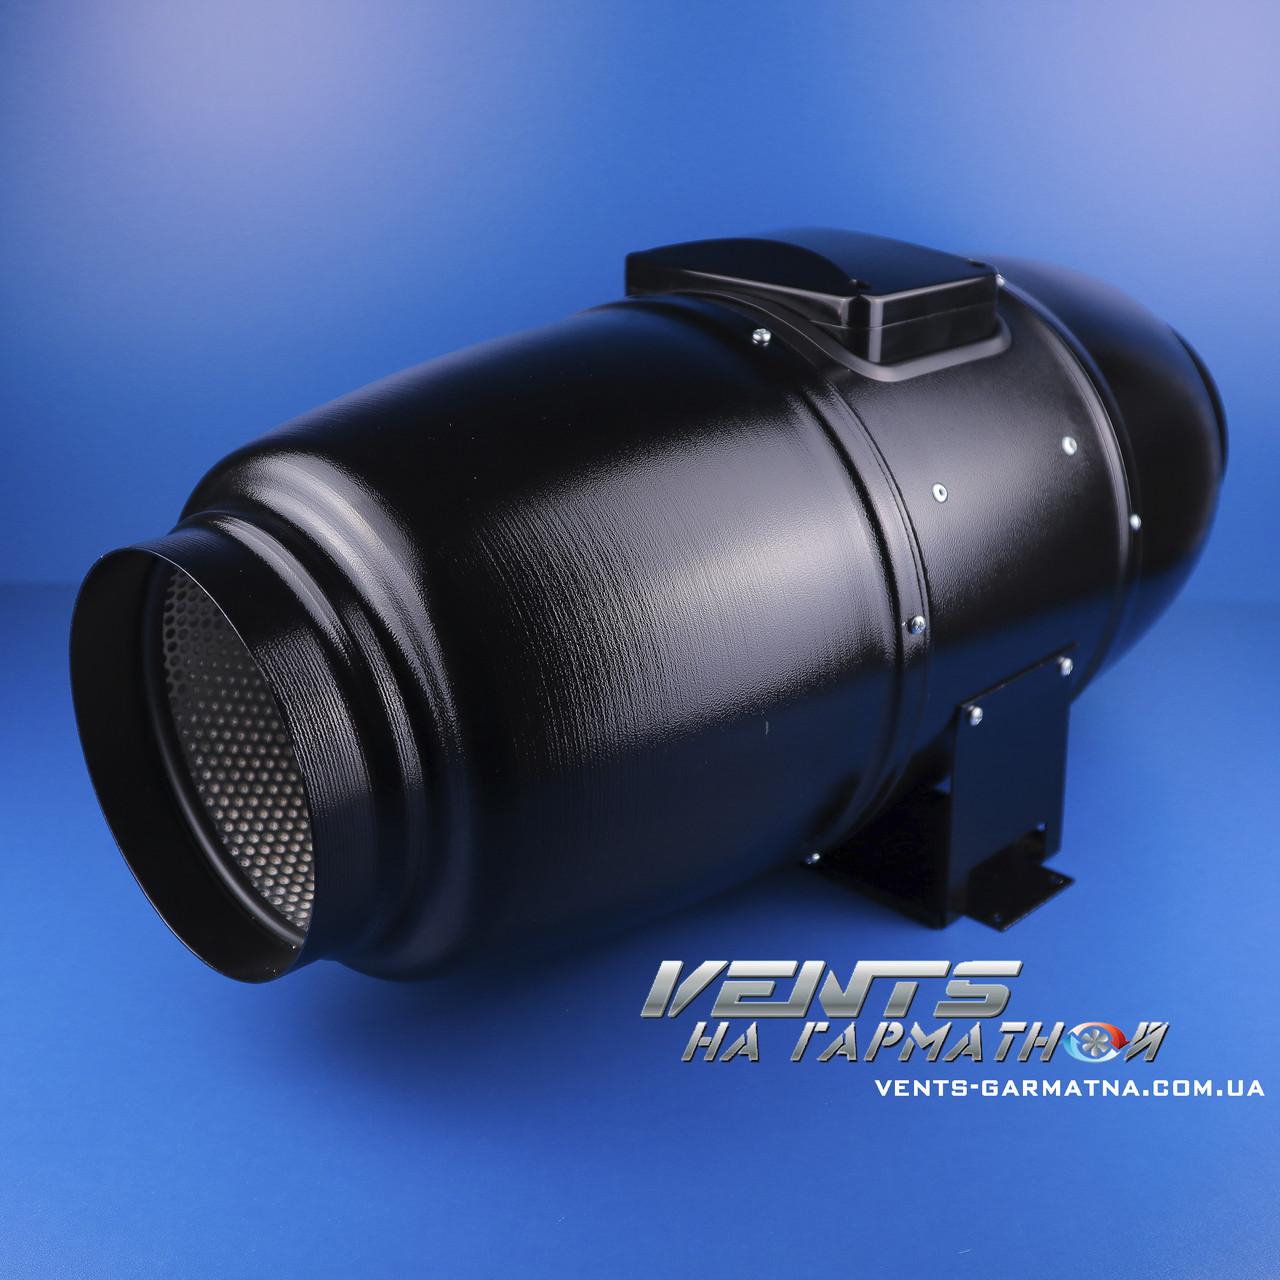 Вентс ТТ Сайлент-М 315 Вентилятор в шумоизолированном корпусе